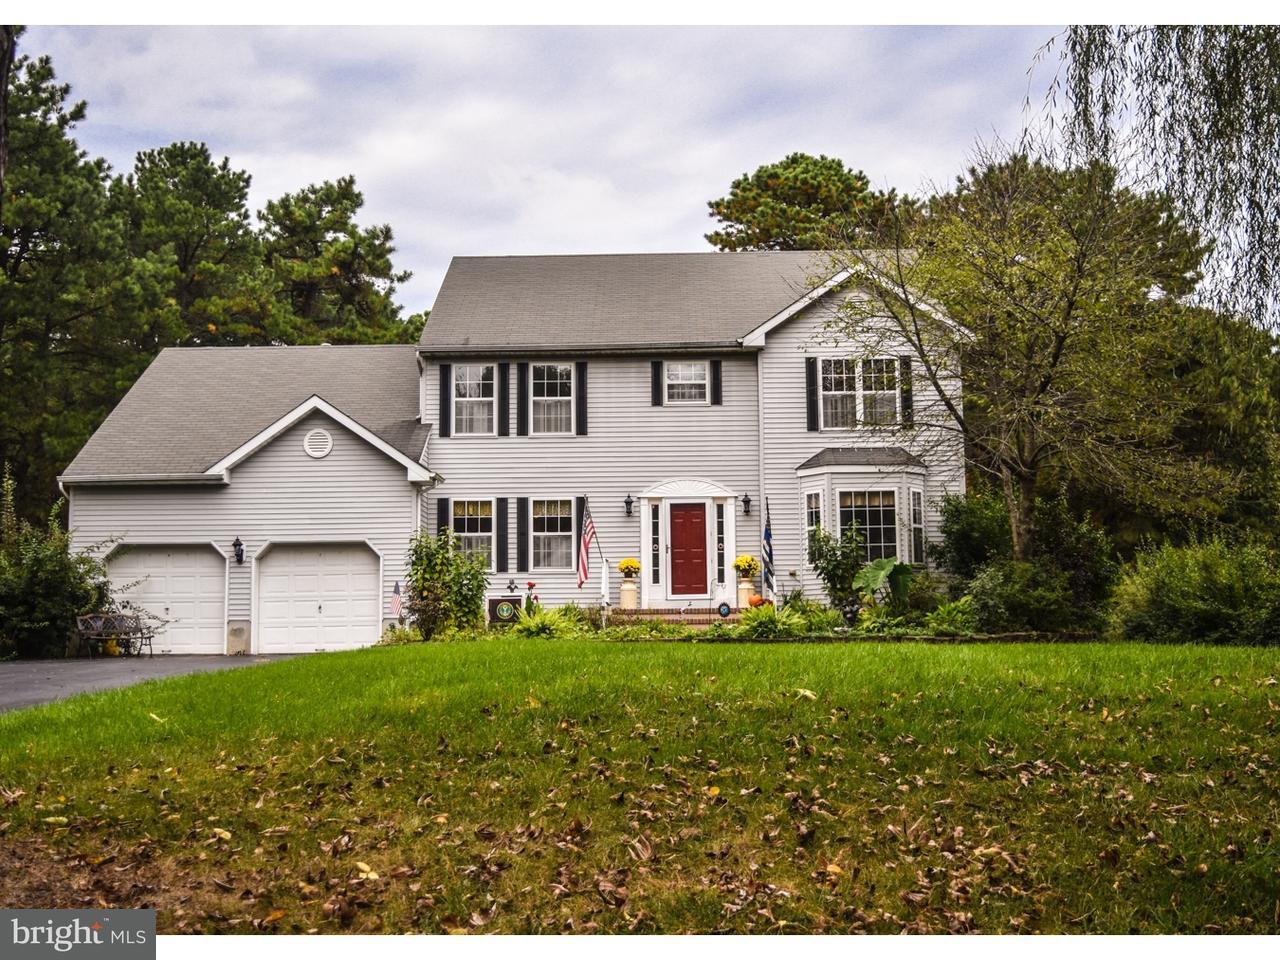 Частный односемейный дом для того Продажа на 7 MARYBETH Court Jackson Township, Нью-Джерси 08527 Соединенные Штаты